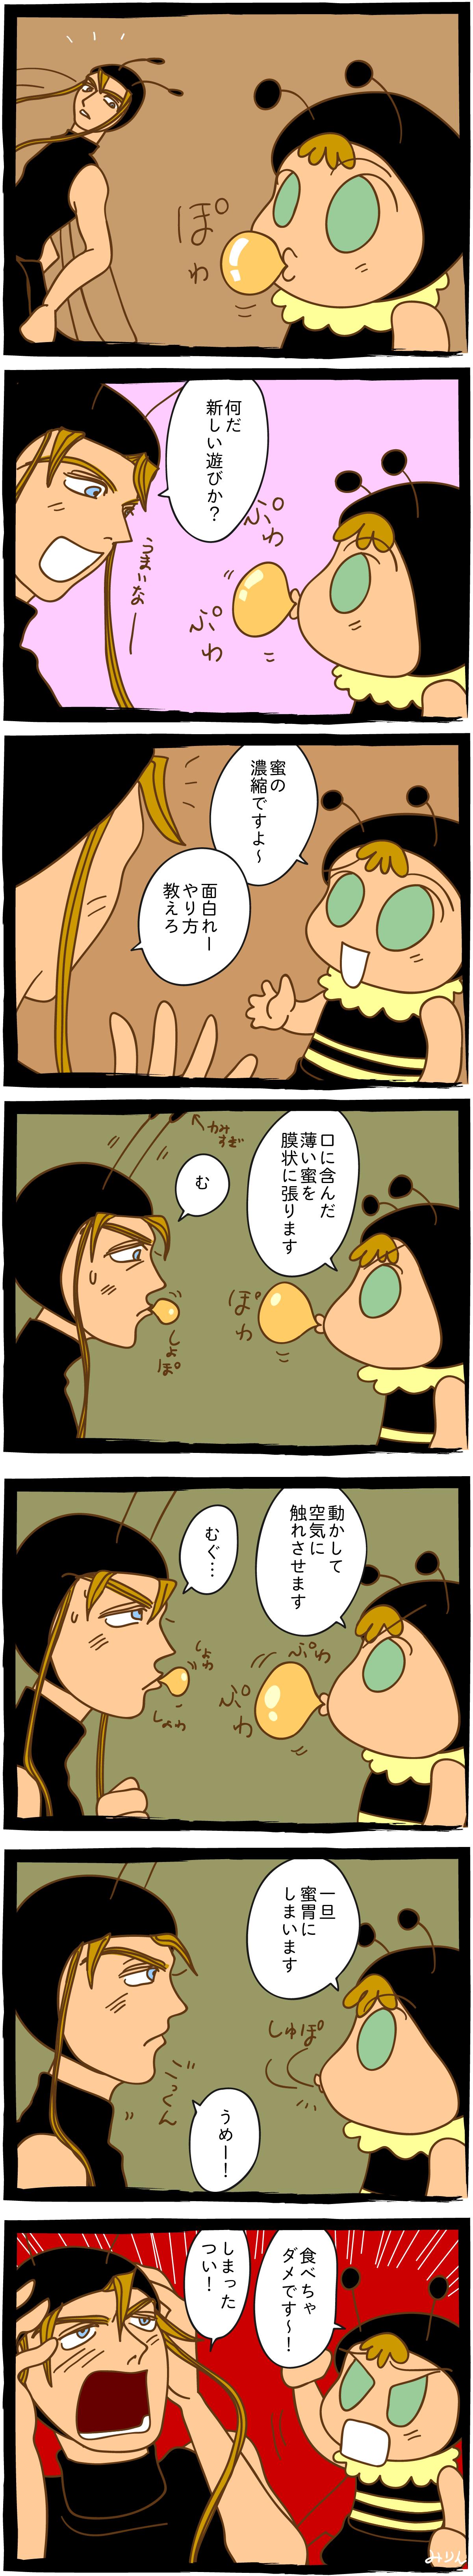 みつばち漫画みつばちさん:59. 蜜濃縮